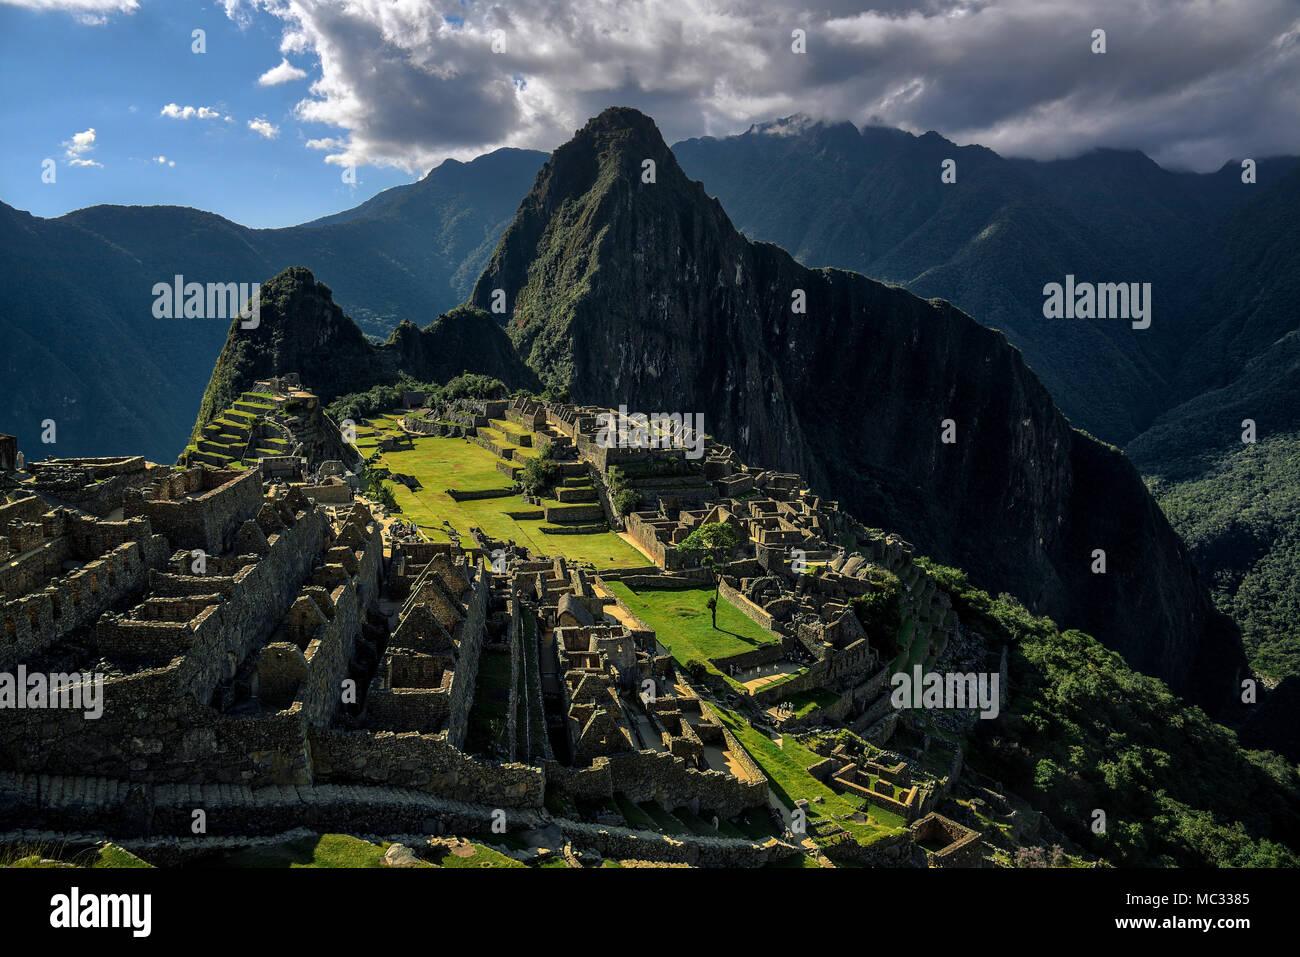 Machu Picchu Peru - Vista sobre un pico de montaña Imagen De Stock